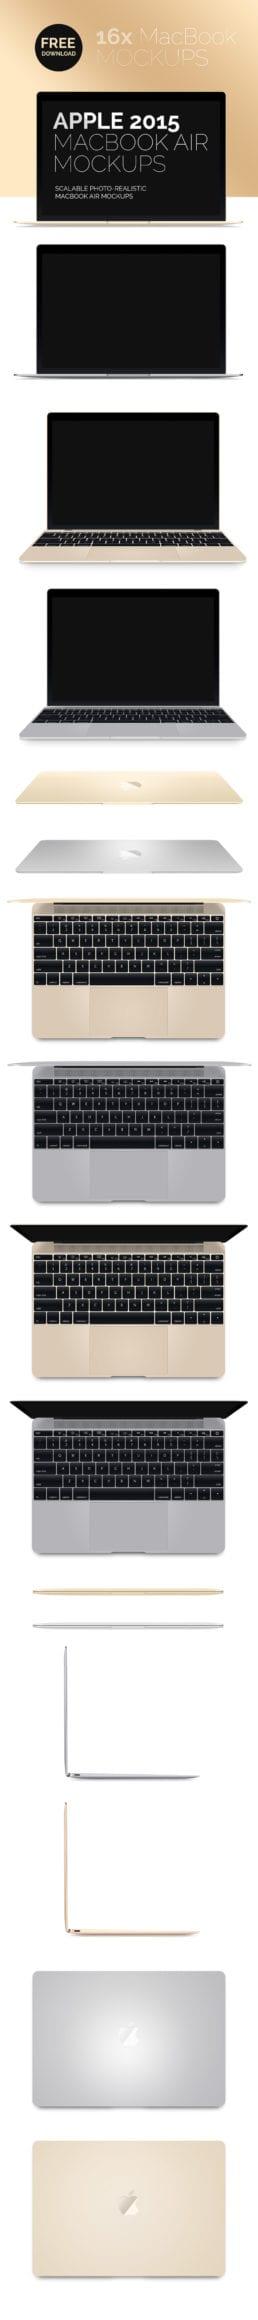 Download-New-MacBook-Air-2015-Mockup